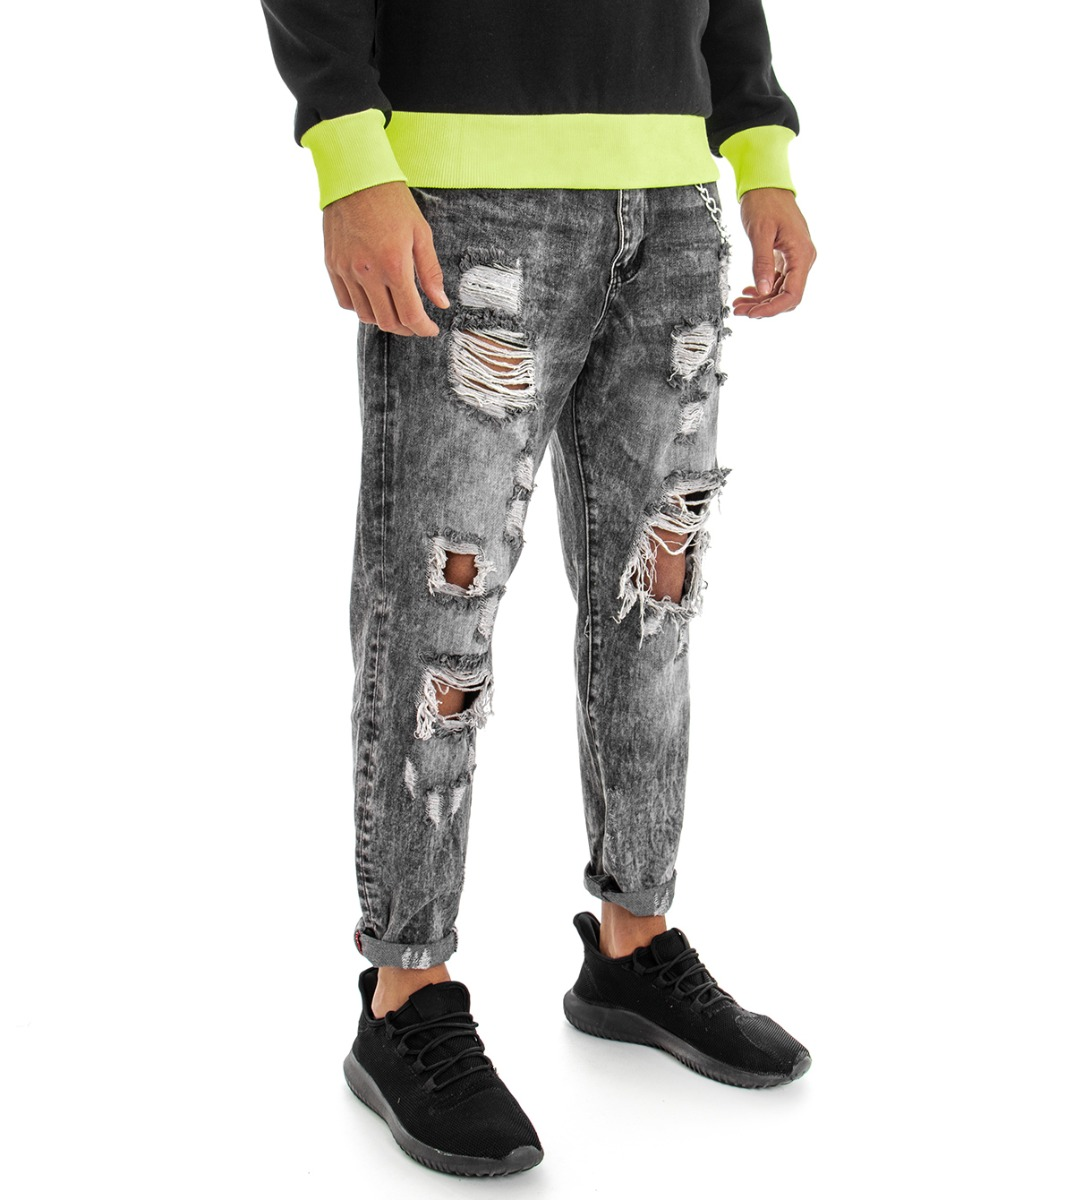 Pantalone-Uomo-Jeans-Grigio-Cinque-Tasche-Rotture-Cavallo-Basso-Strappato-Reg miniatura 3